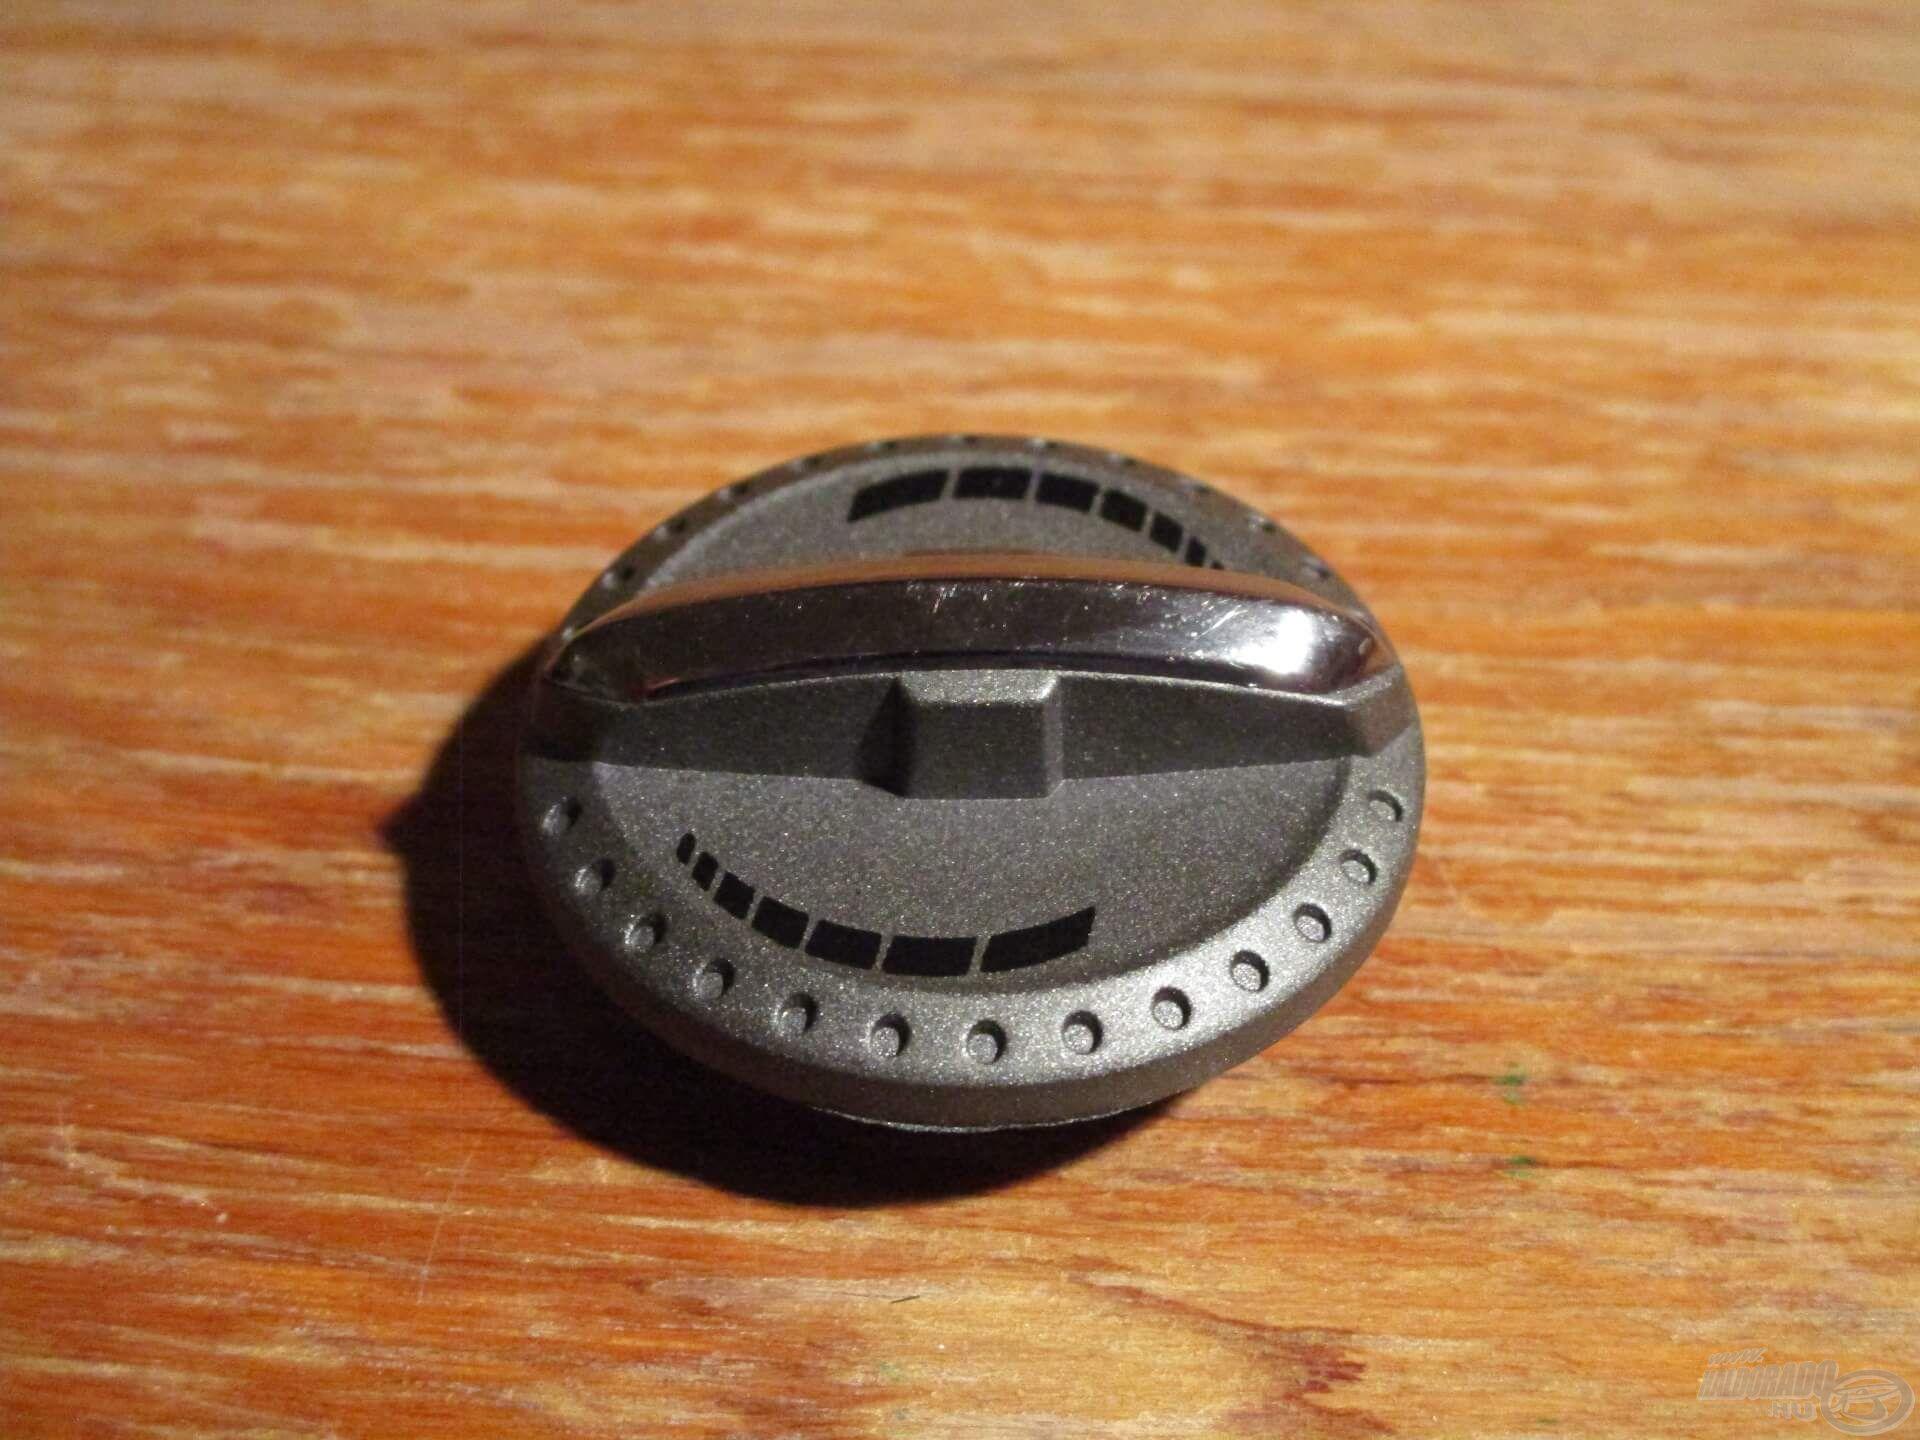 Az első fék átalakításának alapvető feltétele, hogy szétszedhető legyen a fékcsillag